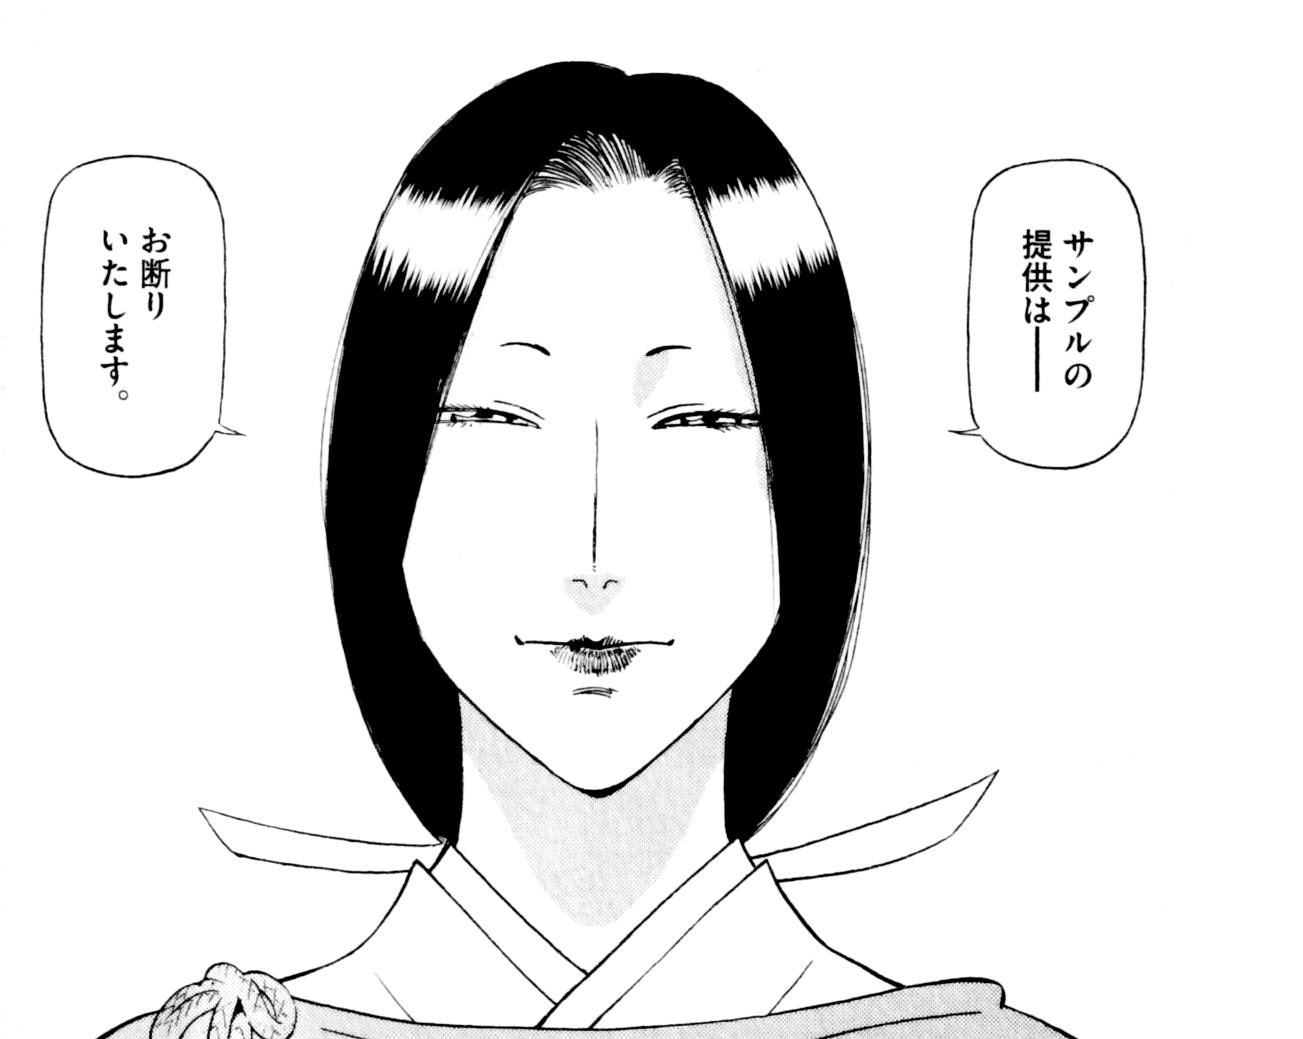 クリステラ・レビ(火之宮水晶)